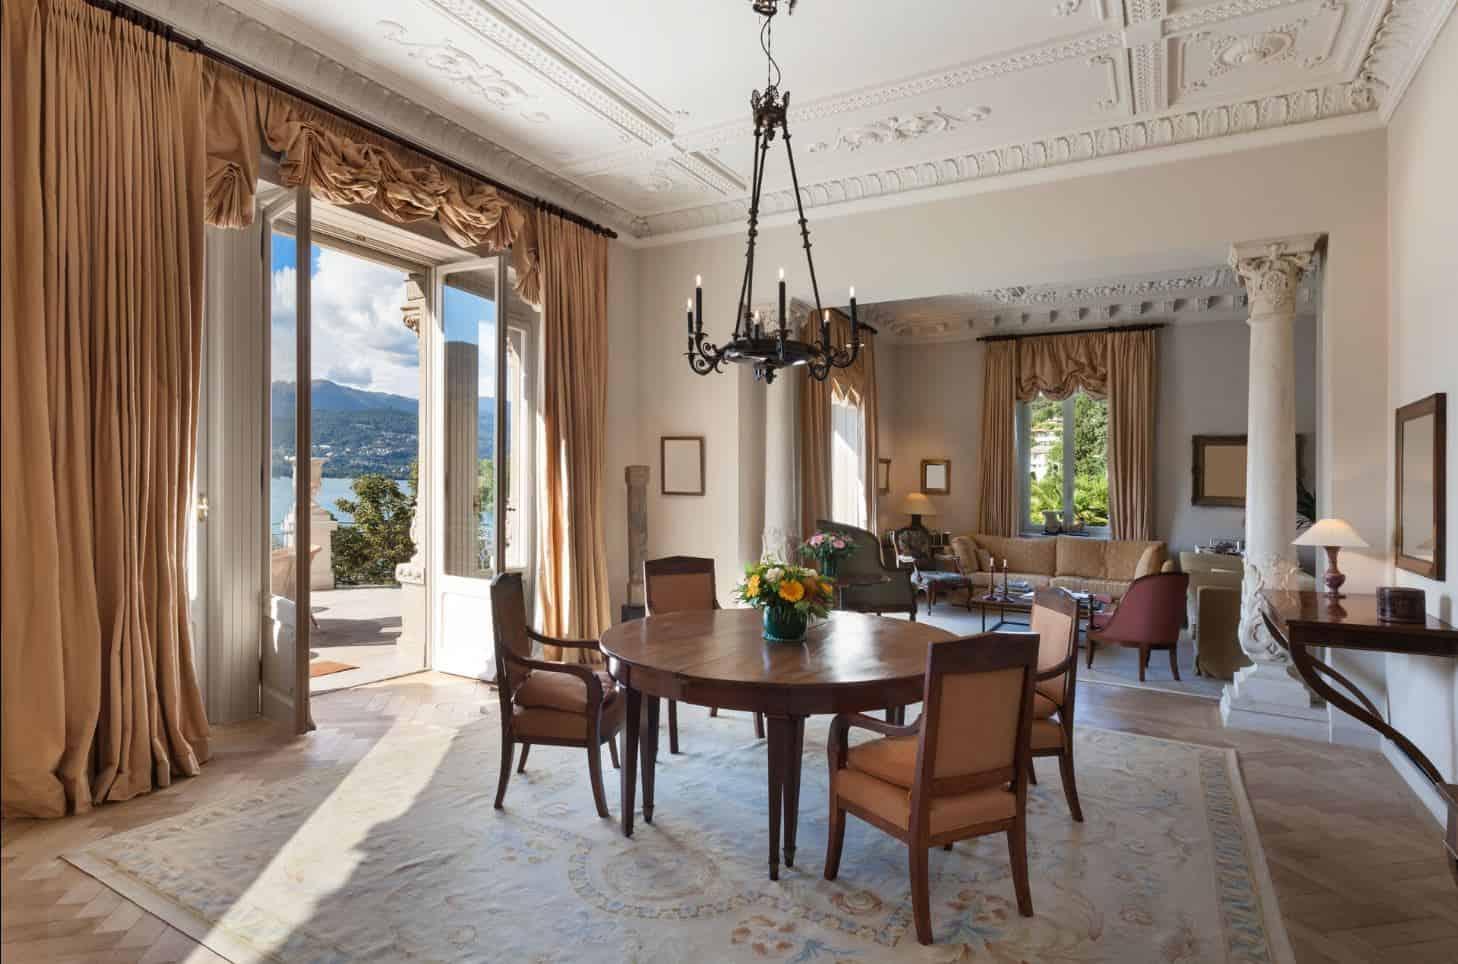 vida_y_espacio-muebles-decoracion-decpracio_de_interiores-comedores_modernos-comedor-muebles_de_madera-interiores-diseño_de_interiores-interiorismo